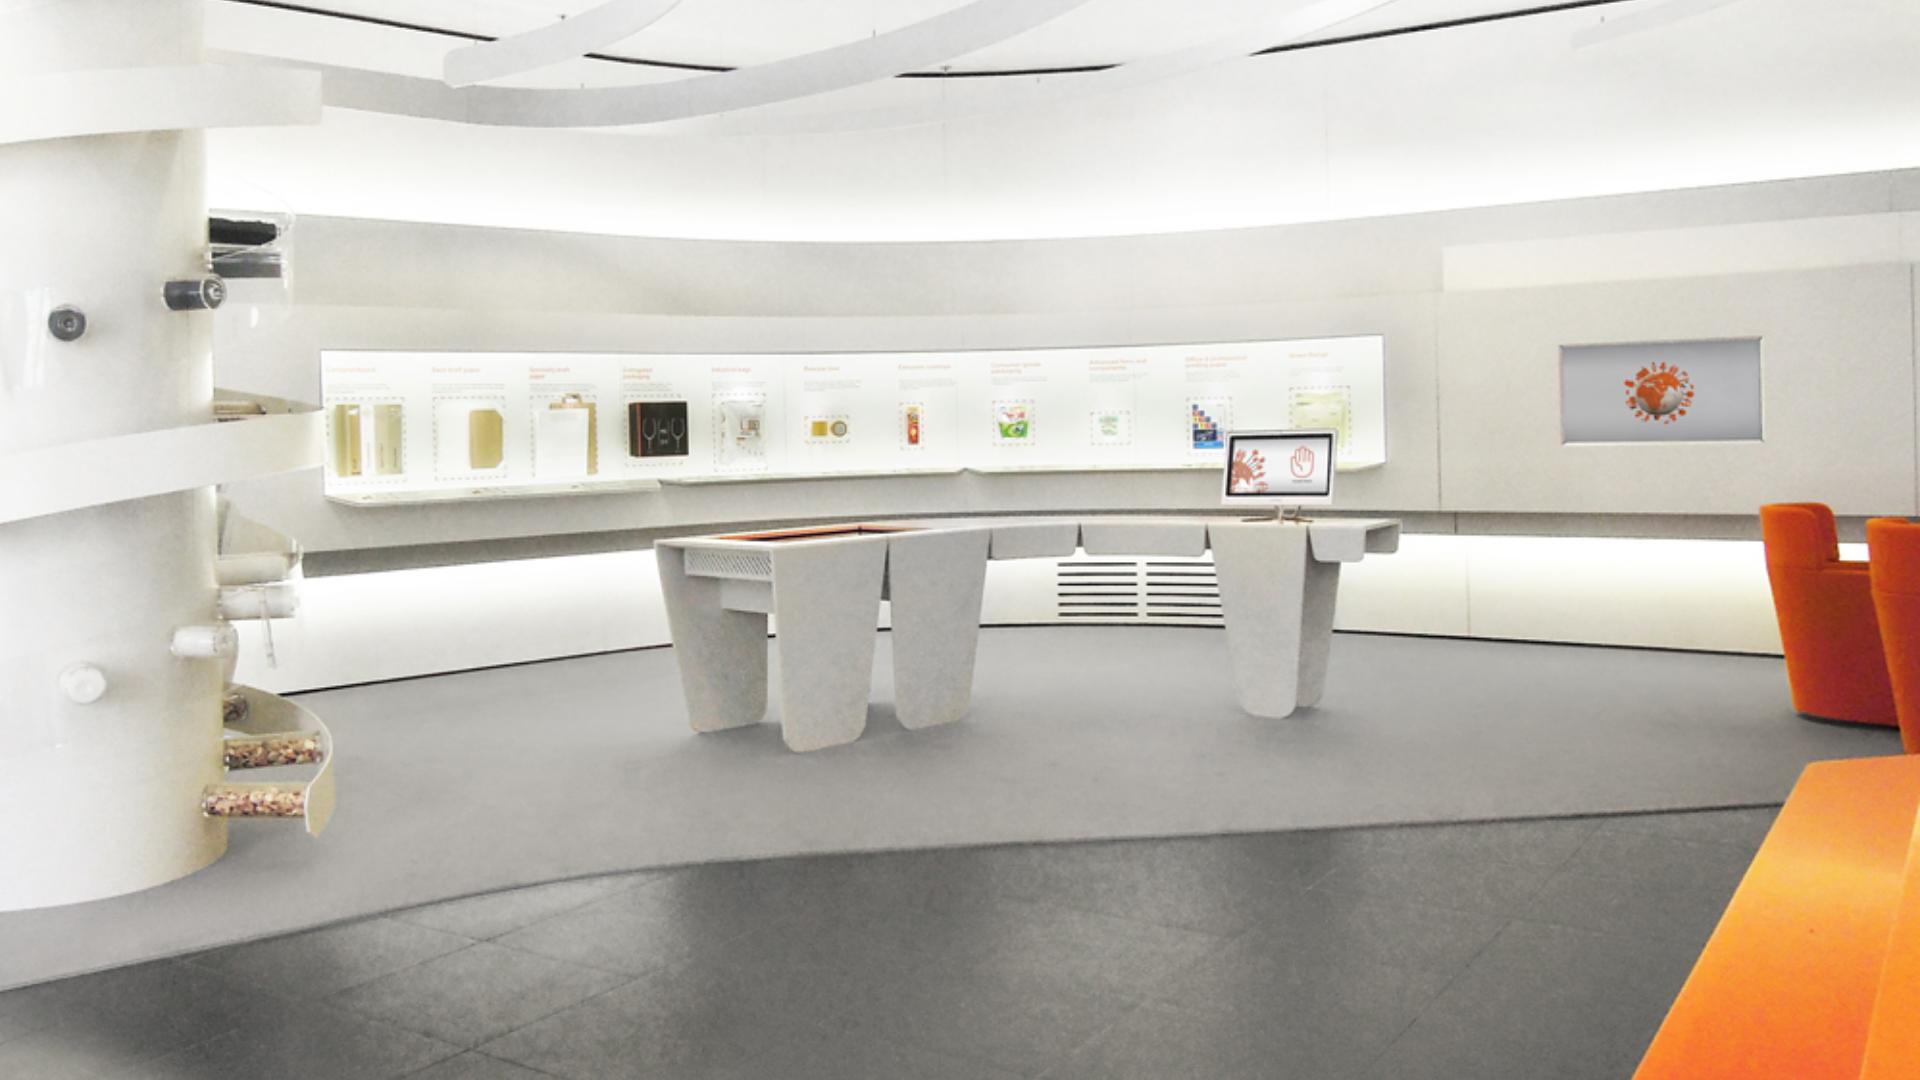 Mondi - Interaktiver Tisch - Objekterkennung - Token - Multitouch - realtime visions